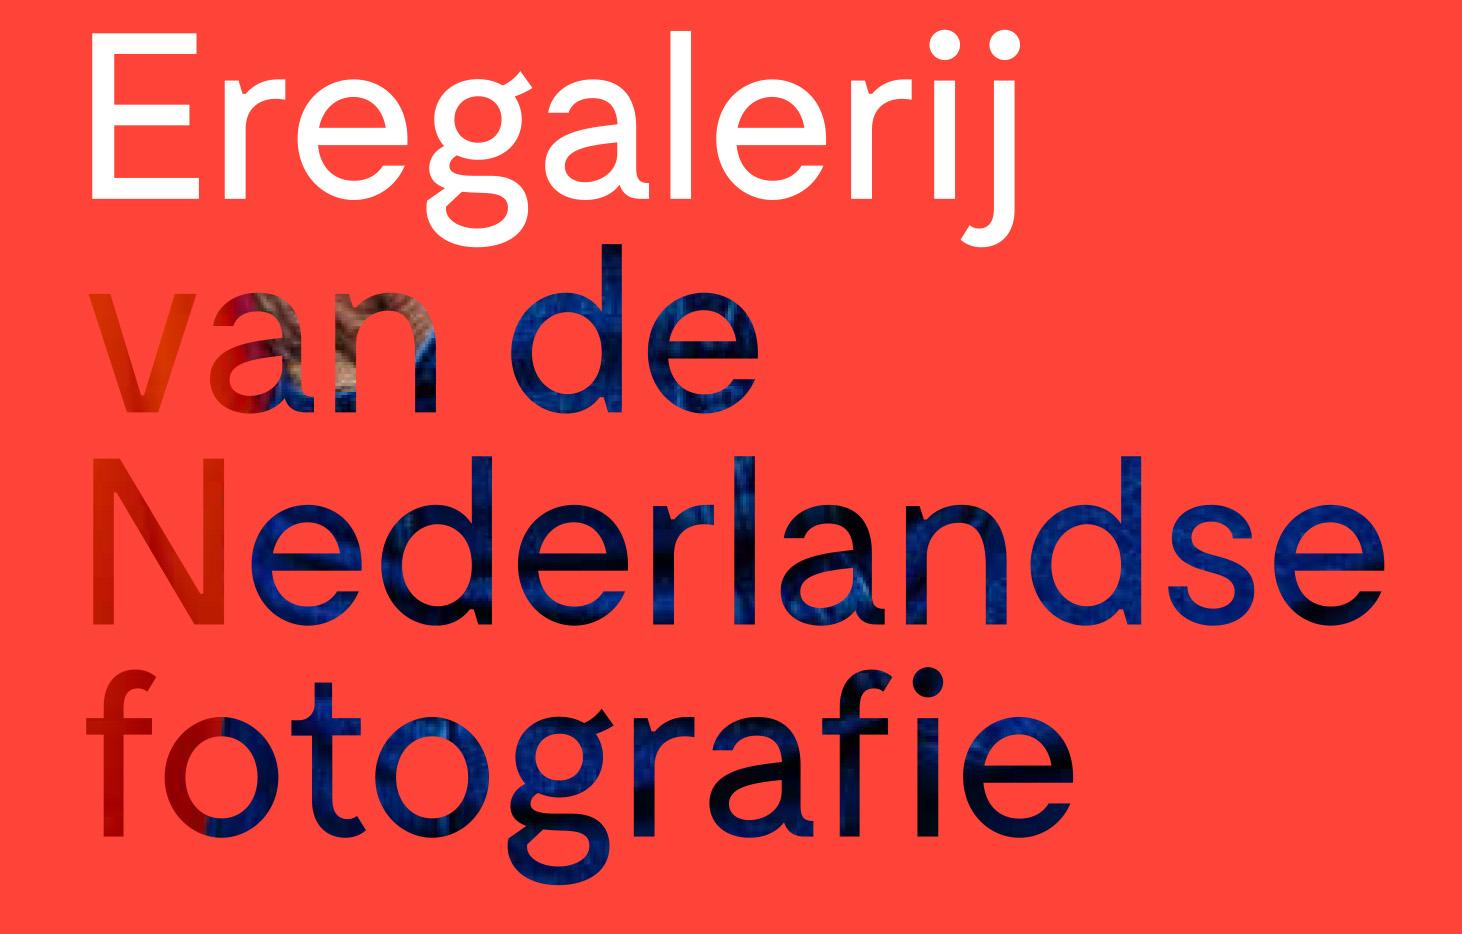 Eregalerij van de Nederlandse fotografie Nederlands Fotomuseum